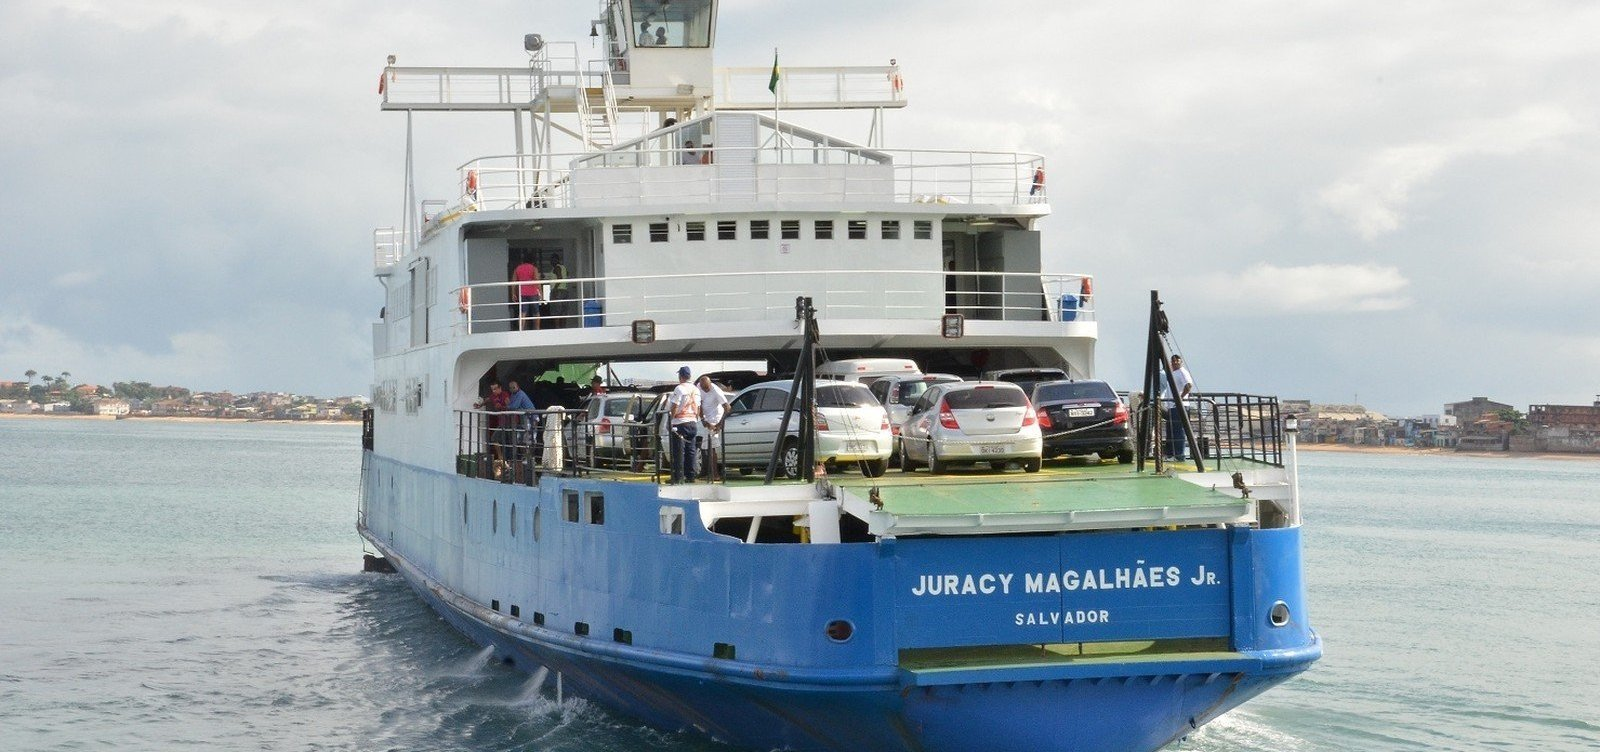 [Veículos esperam três horas para embarcar no Ferry de Salvador na manhã de hoje]